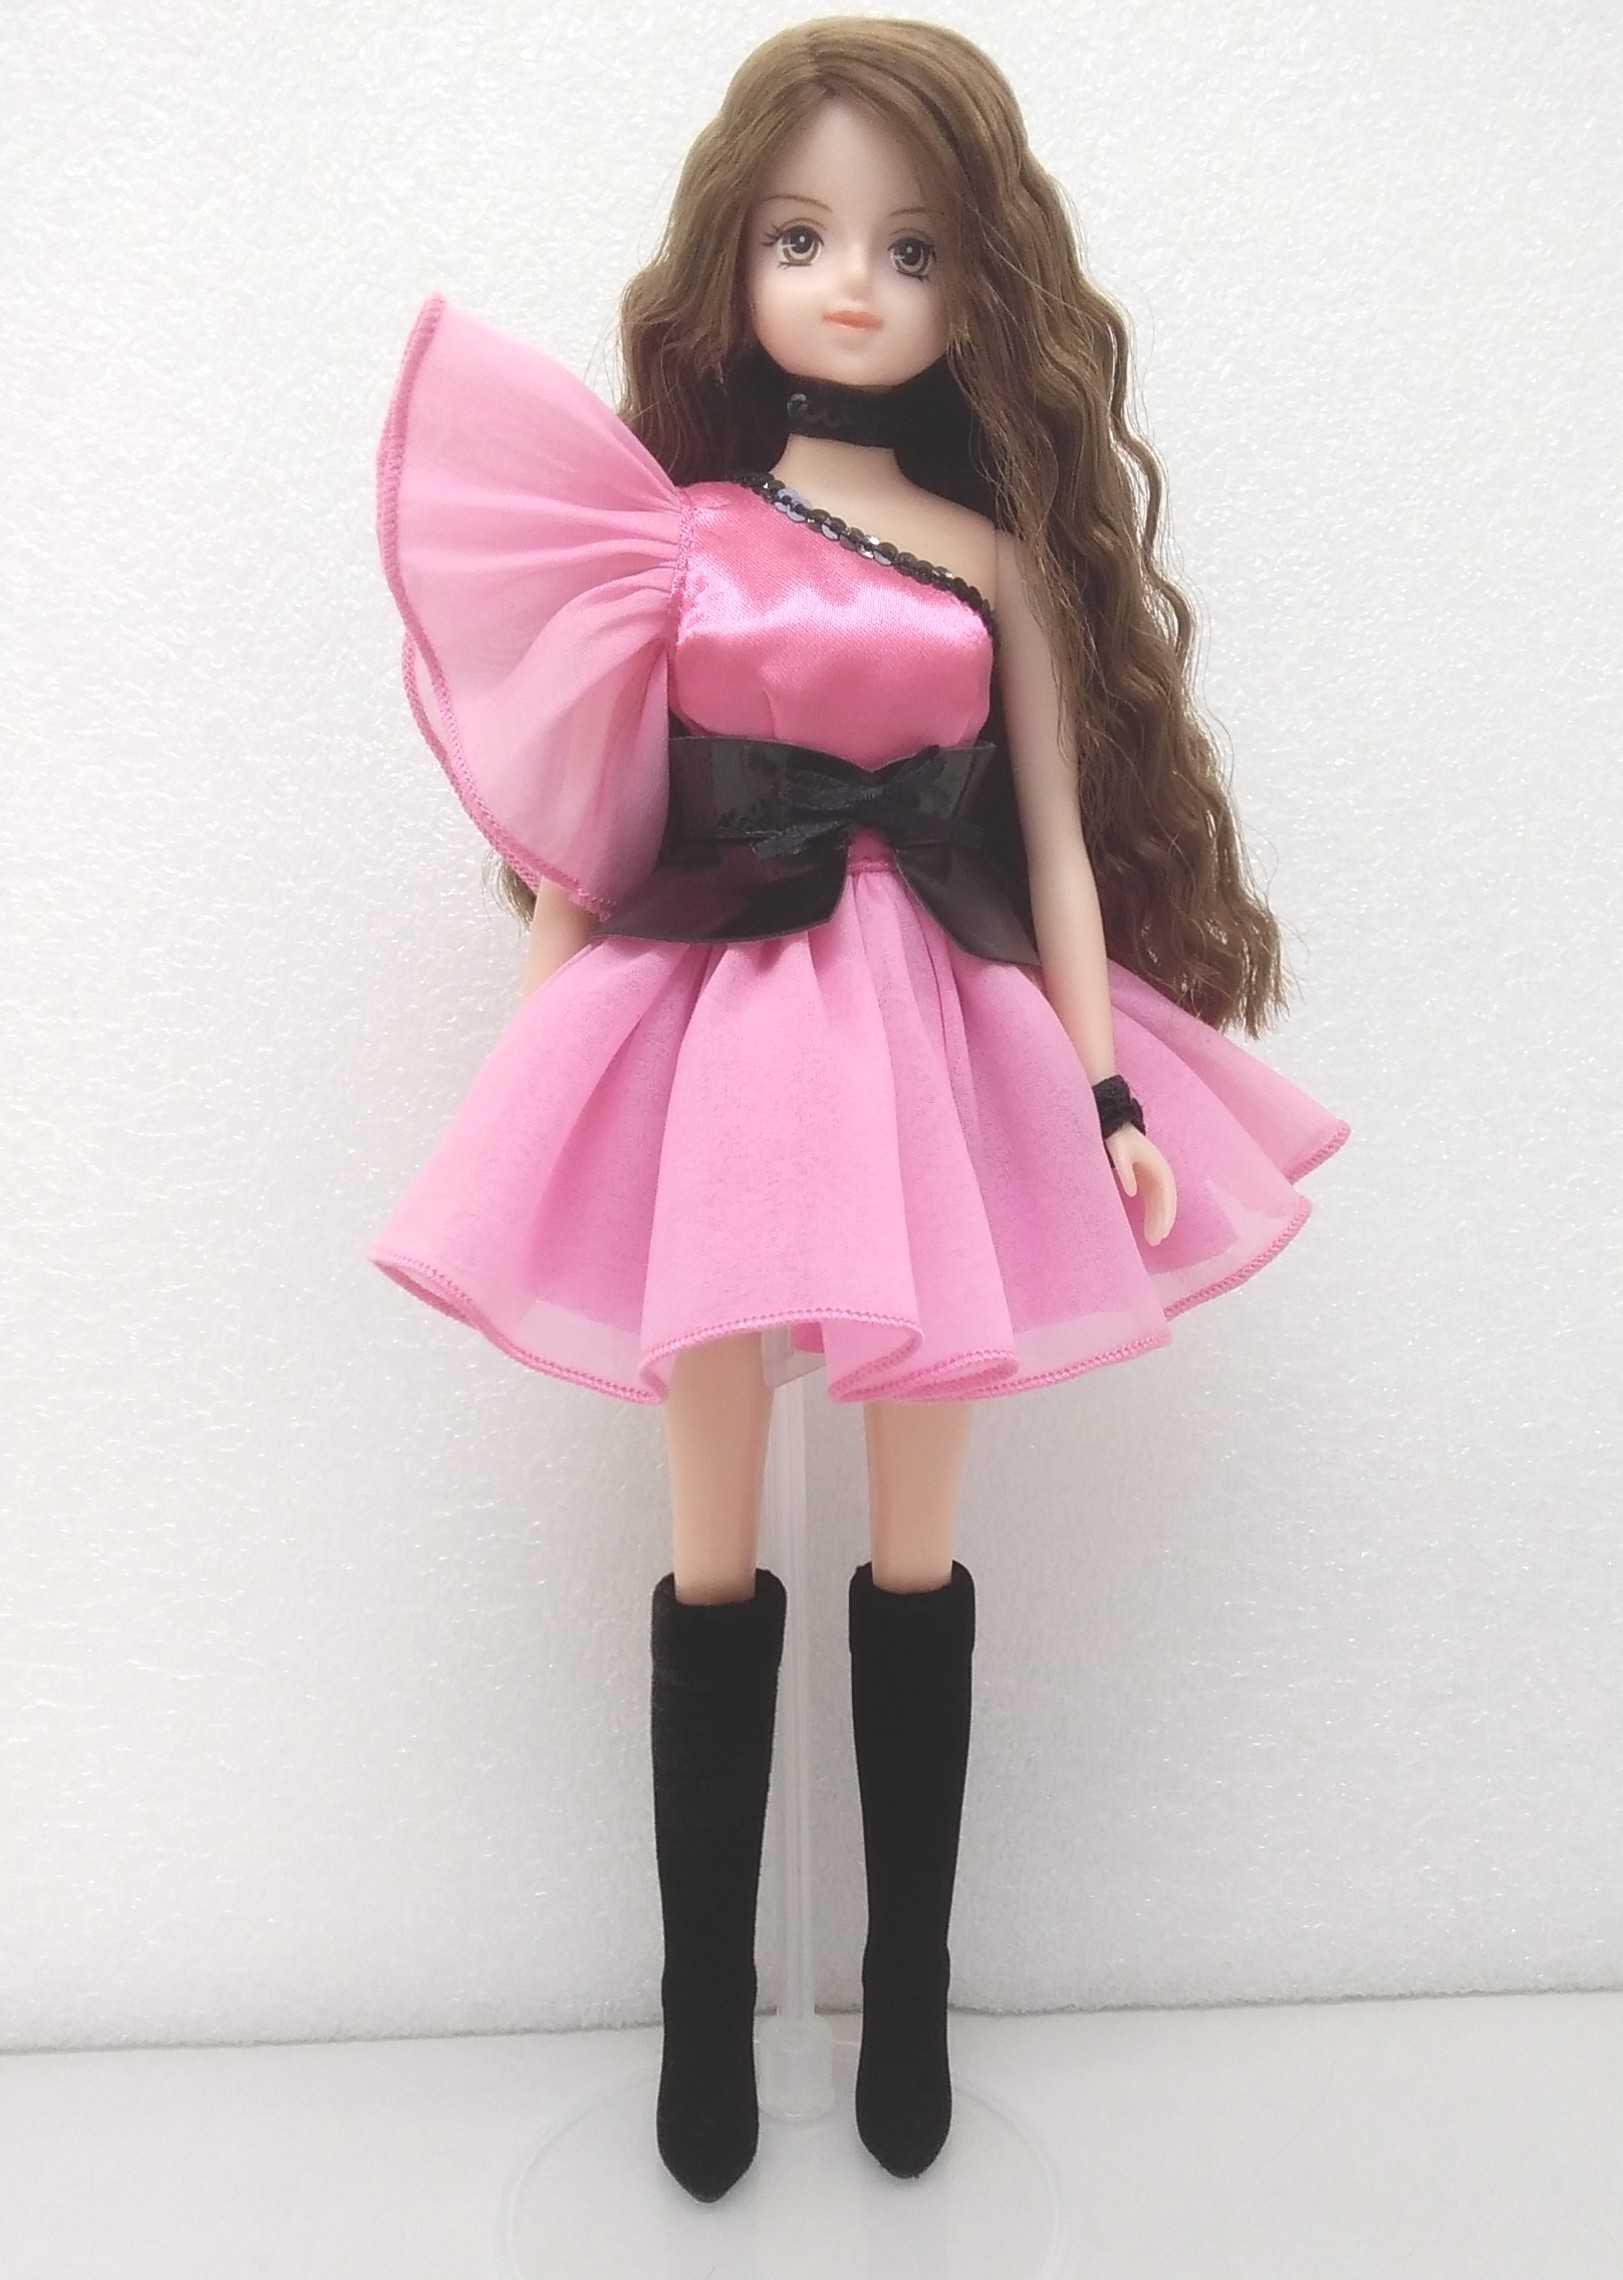 安室奈美恵ドール ピンクドレス|タカラトミー